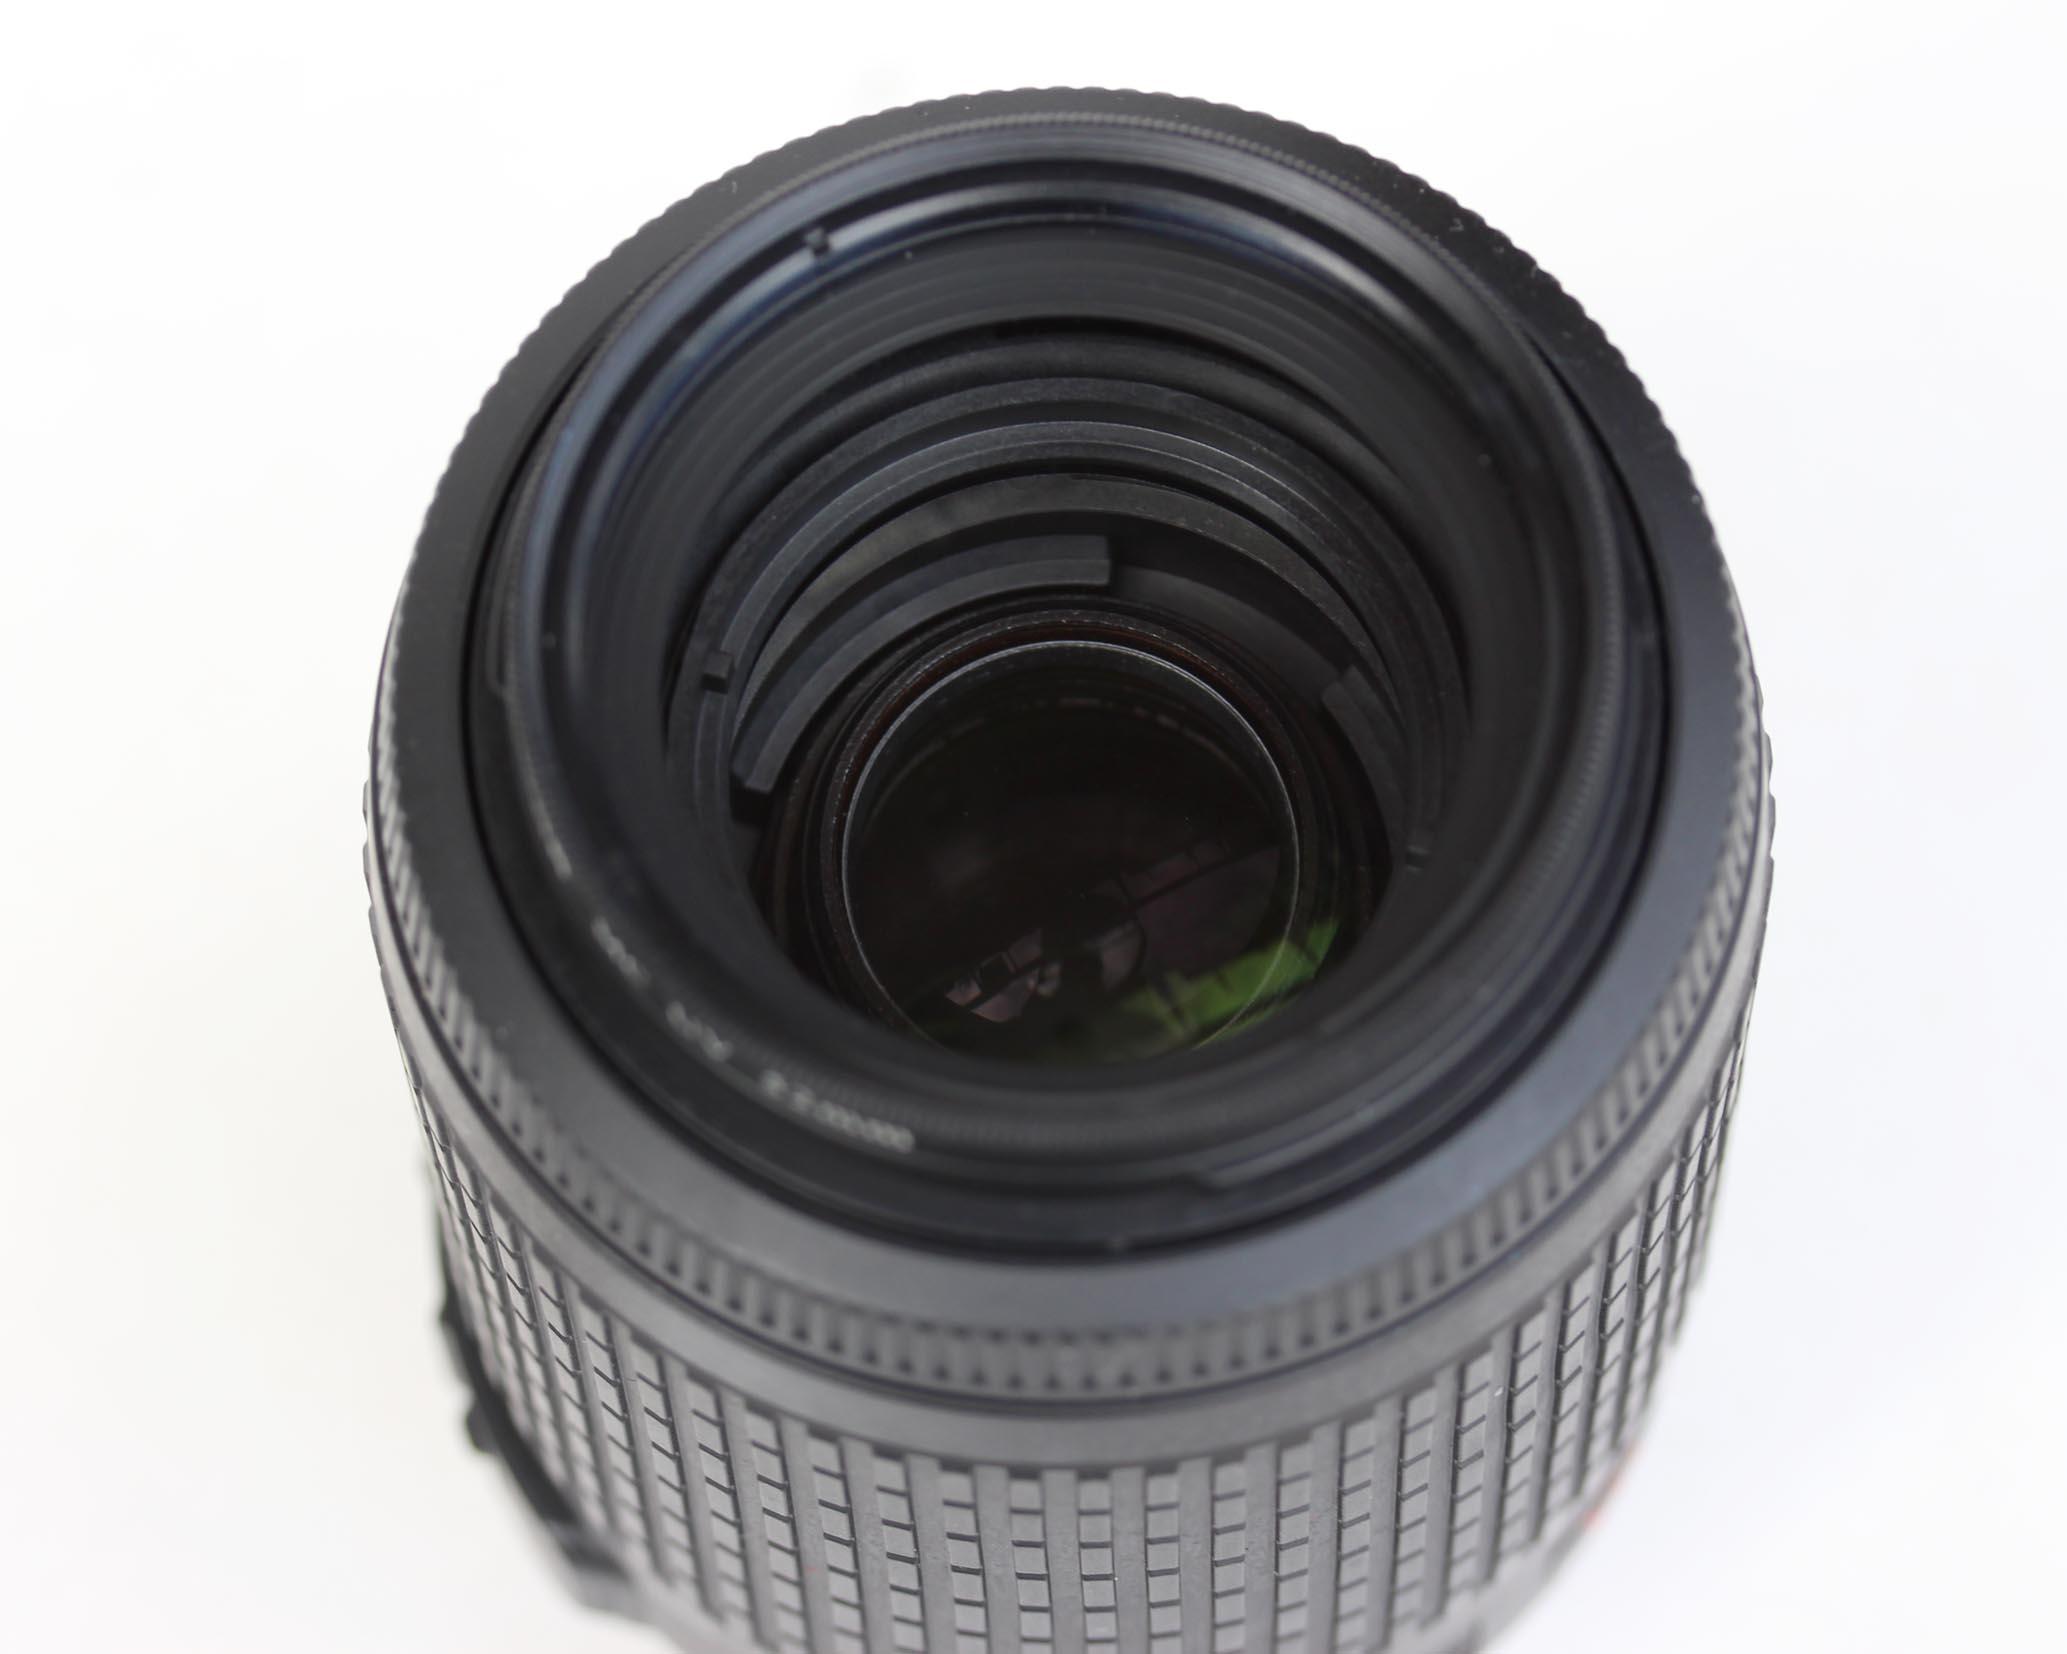 Nikon AF-S 55-200mm DX VR